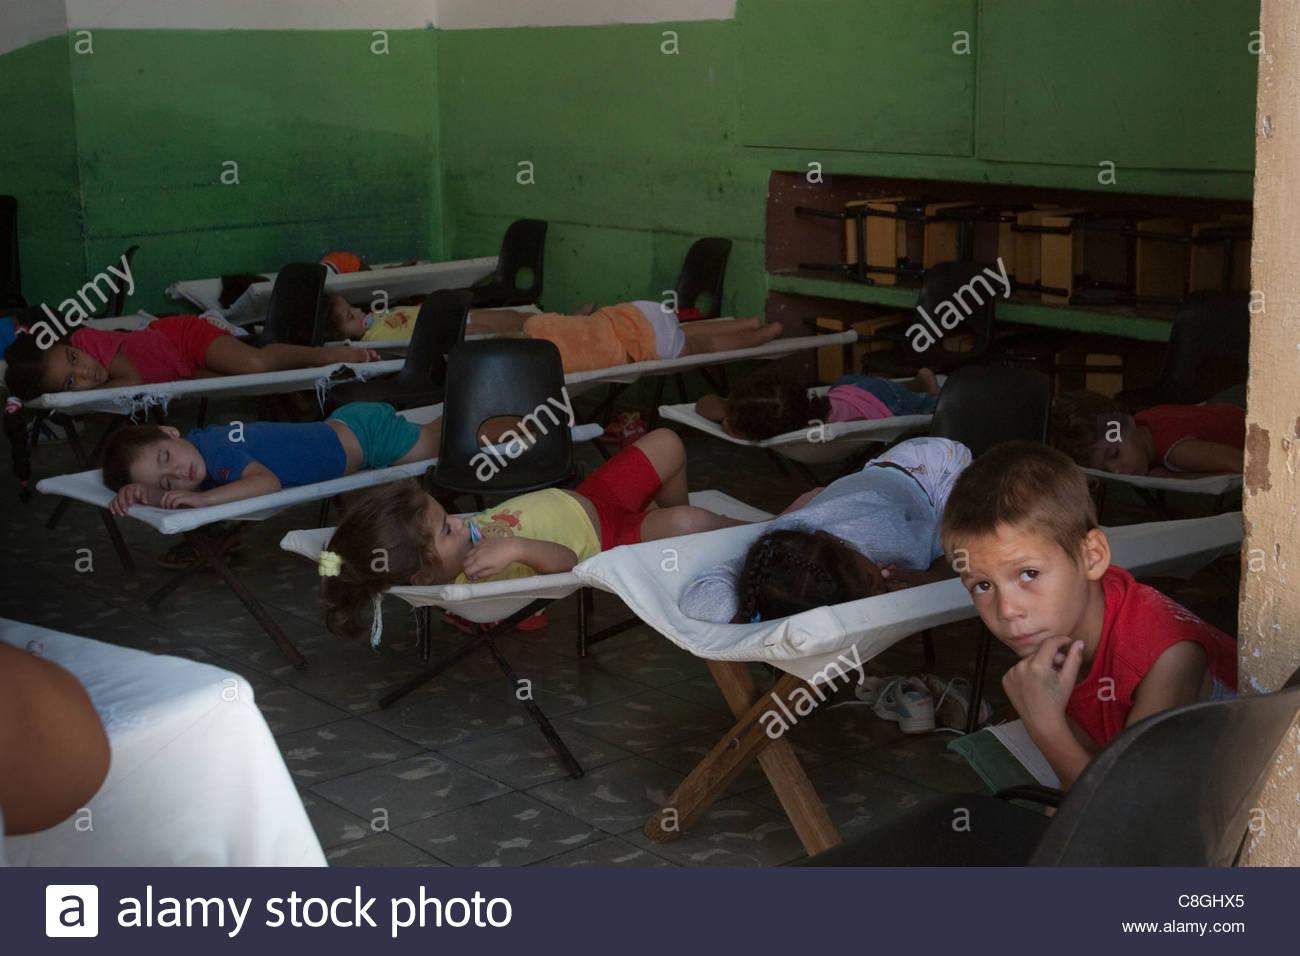 La escuela primaria los niños a la hora de la siesta. Imagen De Stock